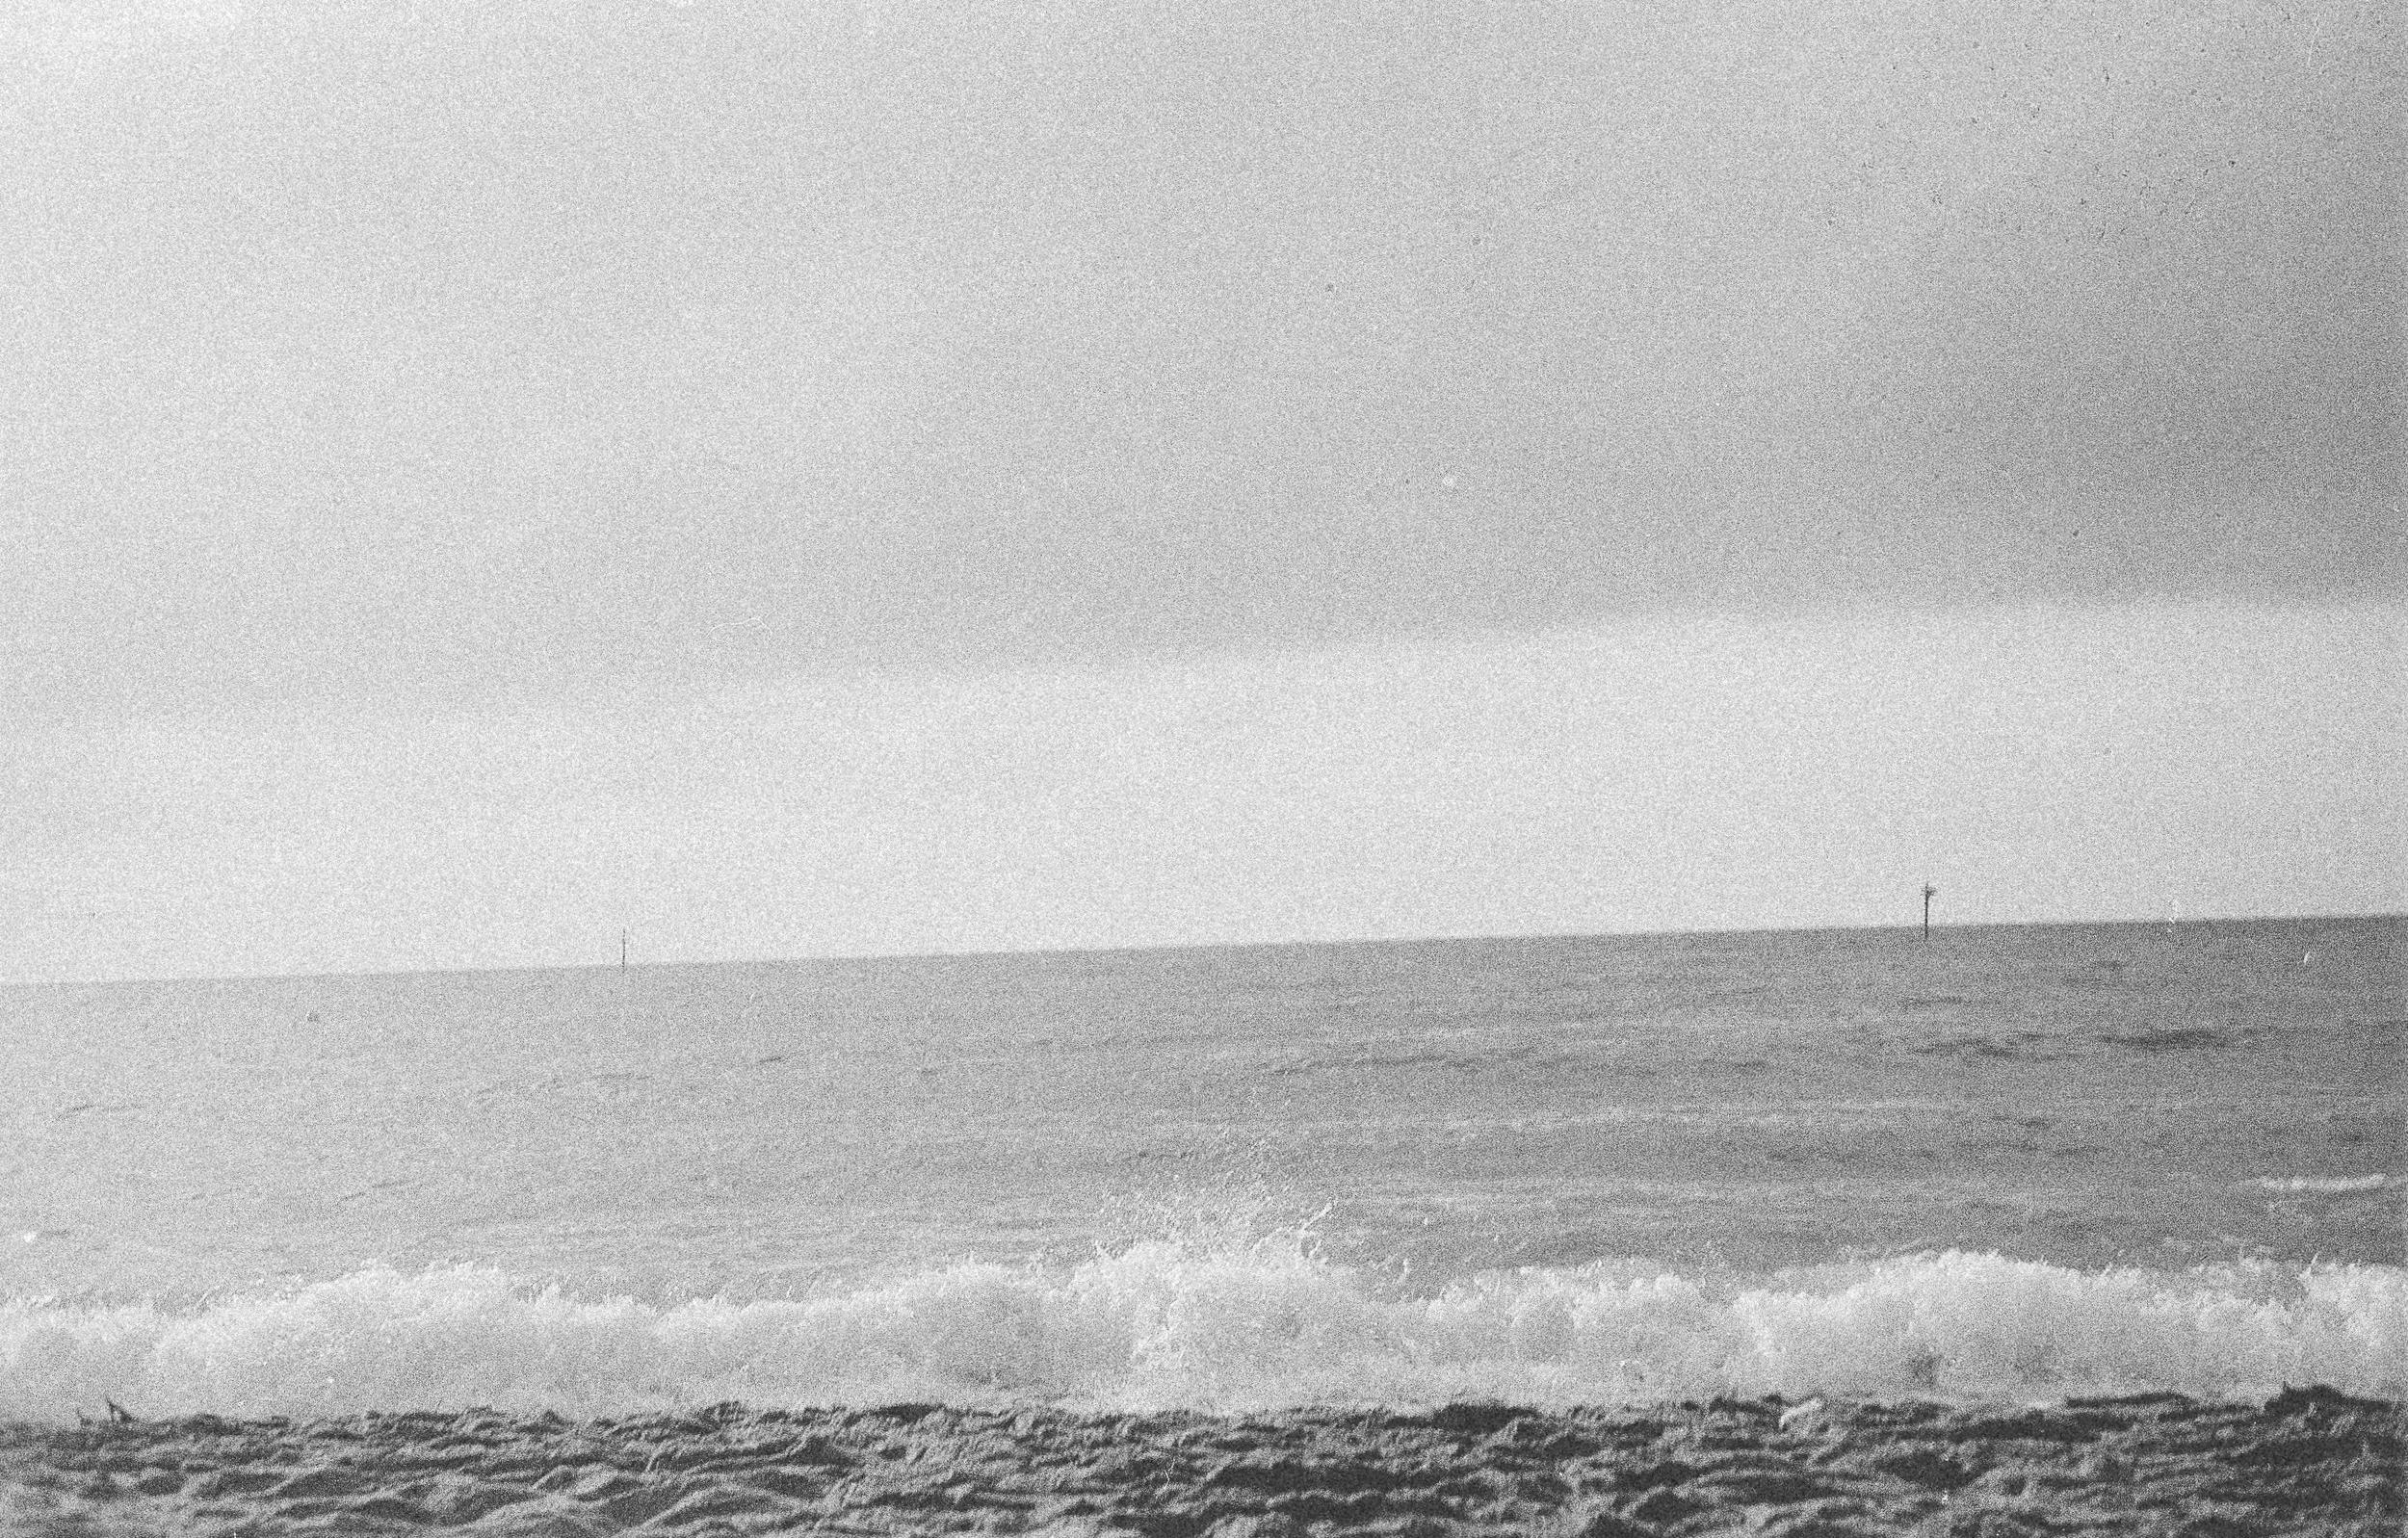 Barcelona_35mm_4.jpg